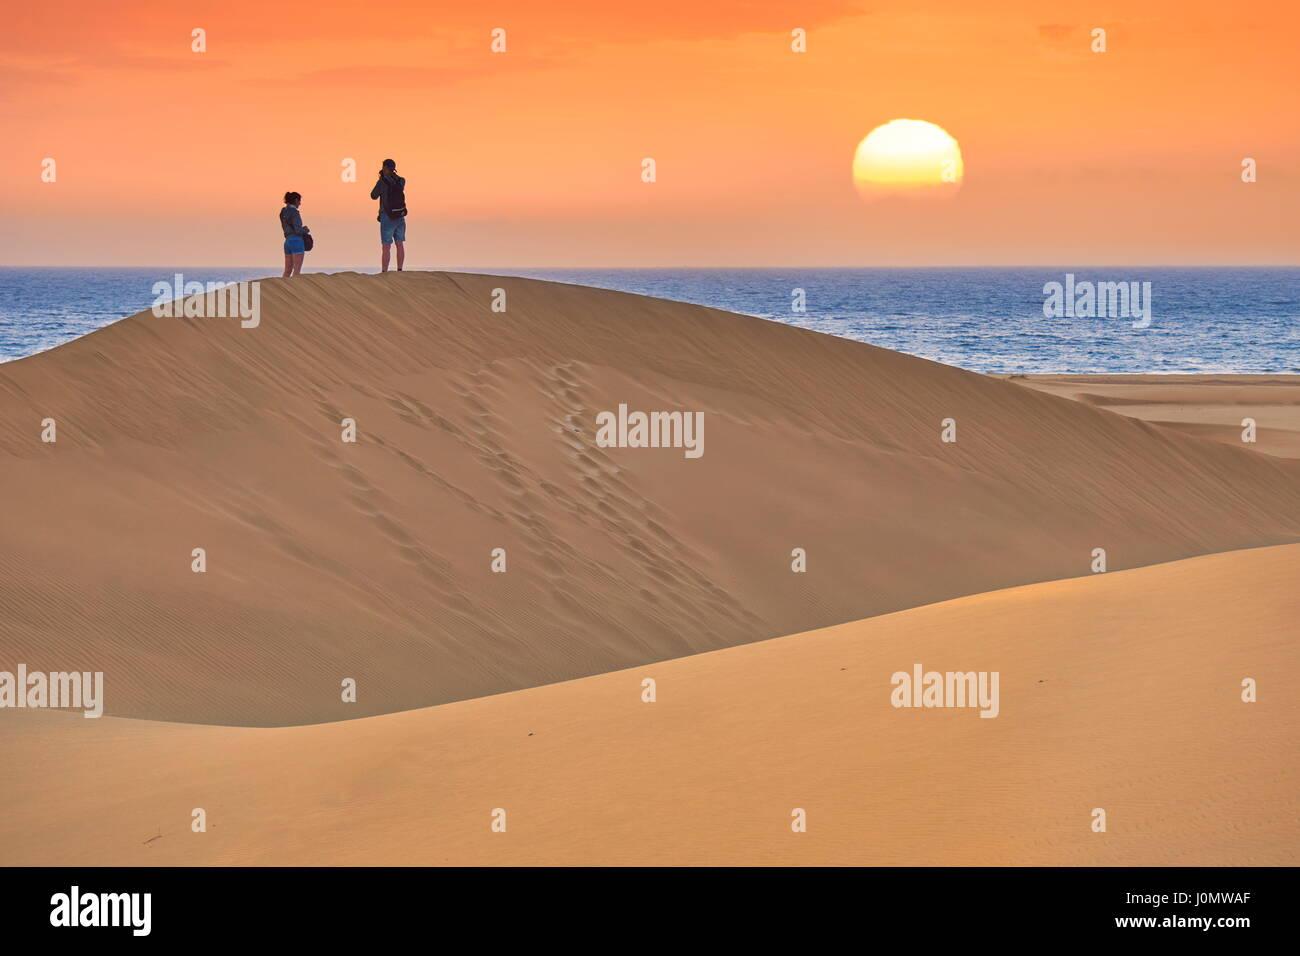 Gran Canaria, amanecer paisaje de dunas de arena de Maspalomas, Islas Canarias, España Foto de stock